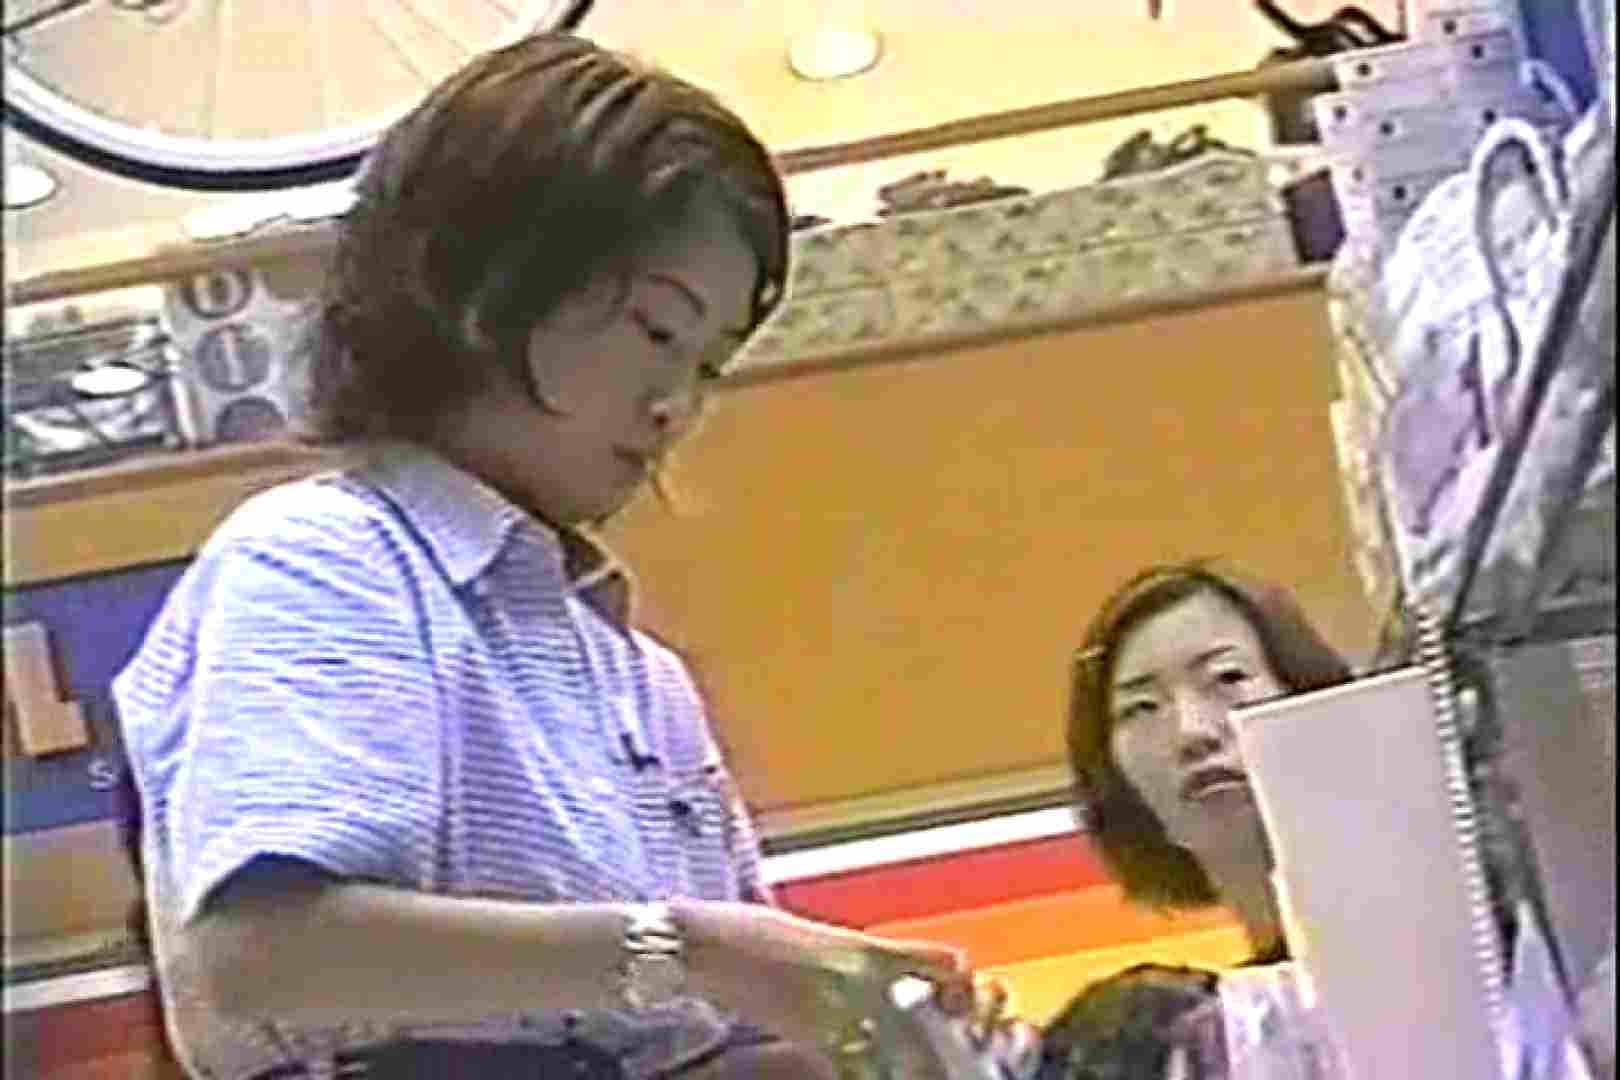 「ちくりん」さんのオリジナル未編集パンチラVol.3_01 OLセックス 隠し撮りオマンコ動画紹介 100画像 86